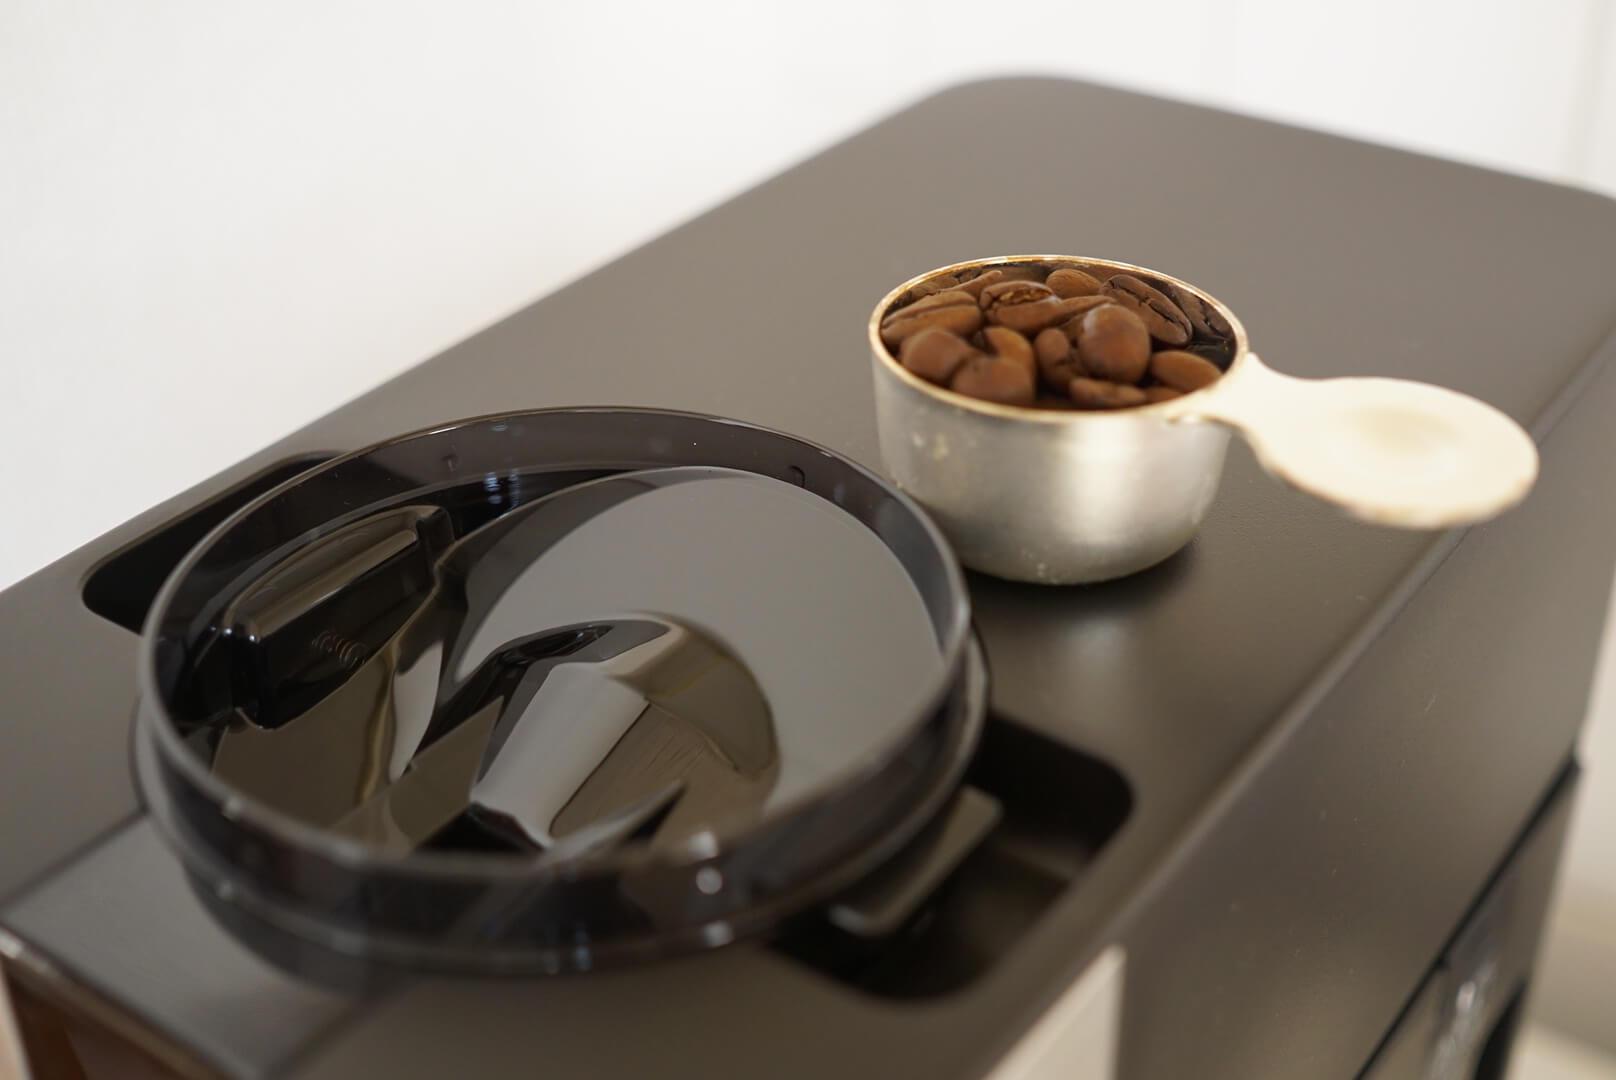 無印のコーヒーメーカーの豆投入口と豆